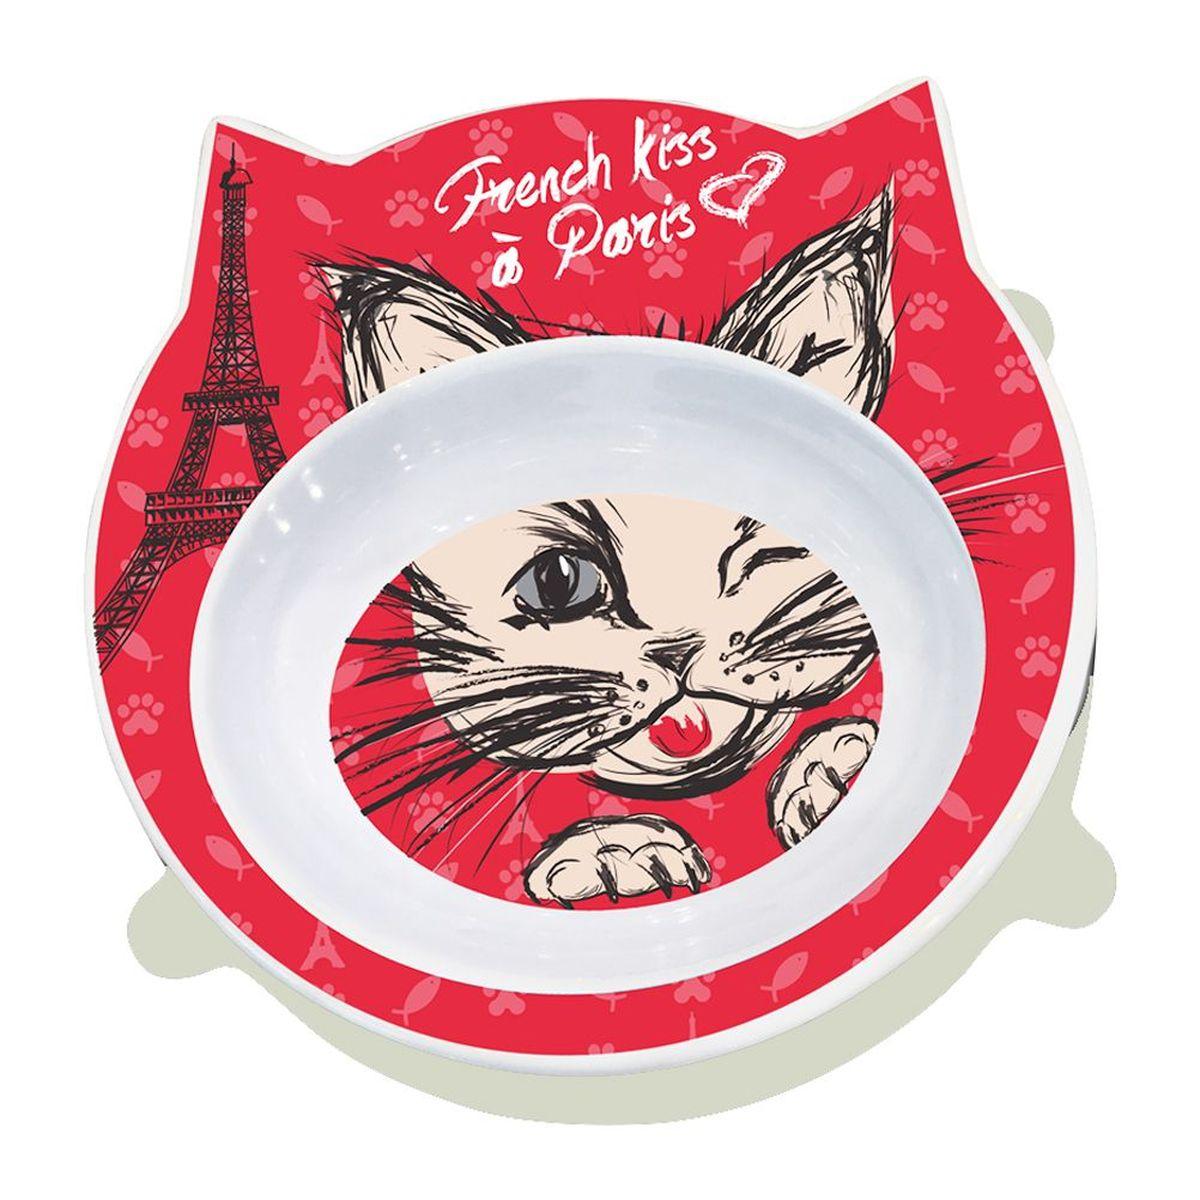 Animalerie ecuelle chat chien gamelle oreille chat - Animalerie a paris chien ...